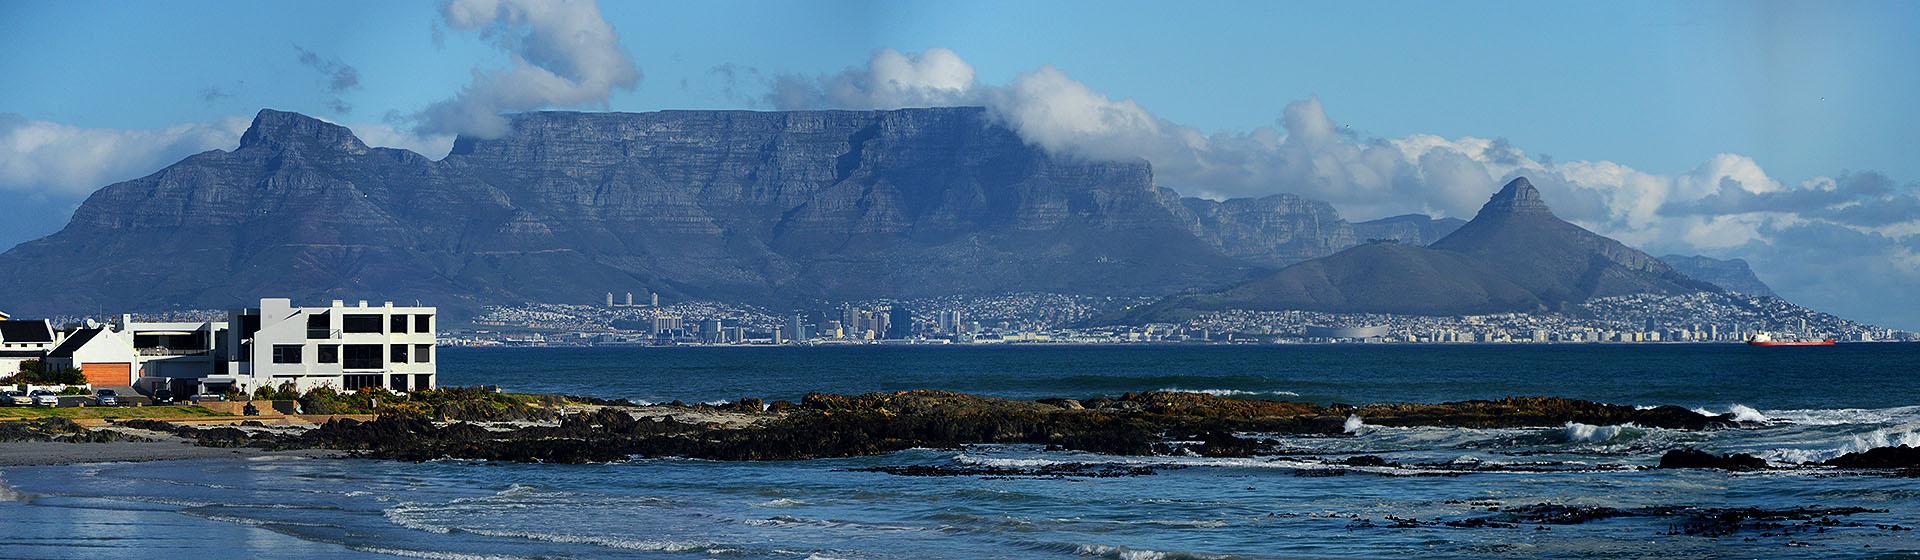 Triumph Tours of Cape Town